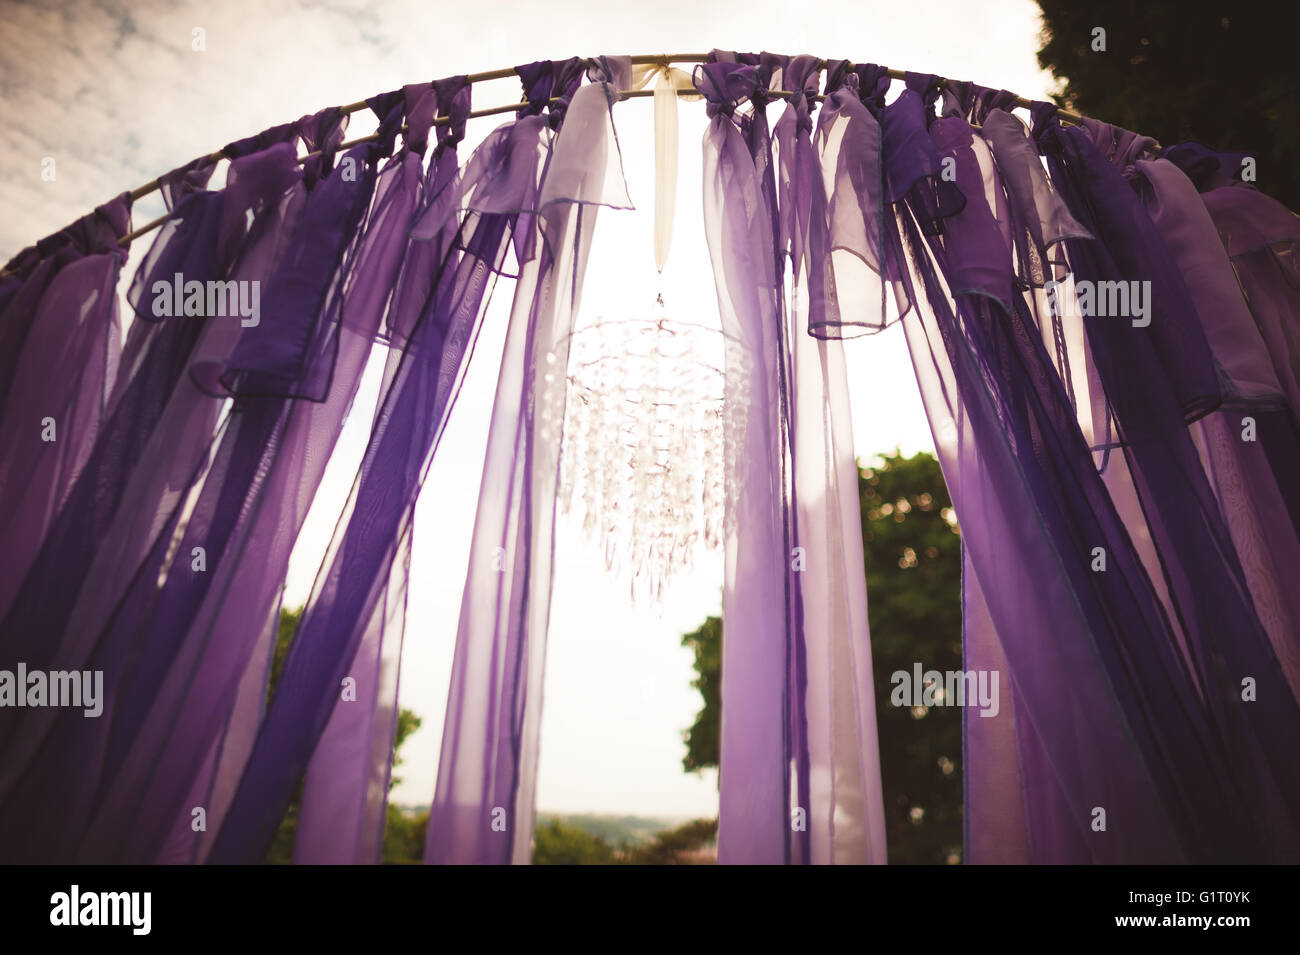 Kronleuchter Lila ~ Hochzeit bogen dekoriert mit lila tuch bändern winken in den wind